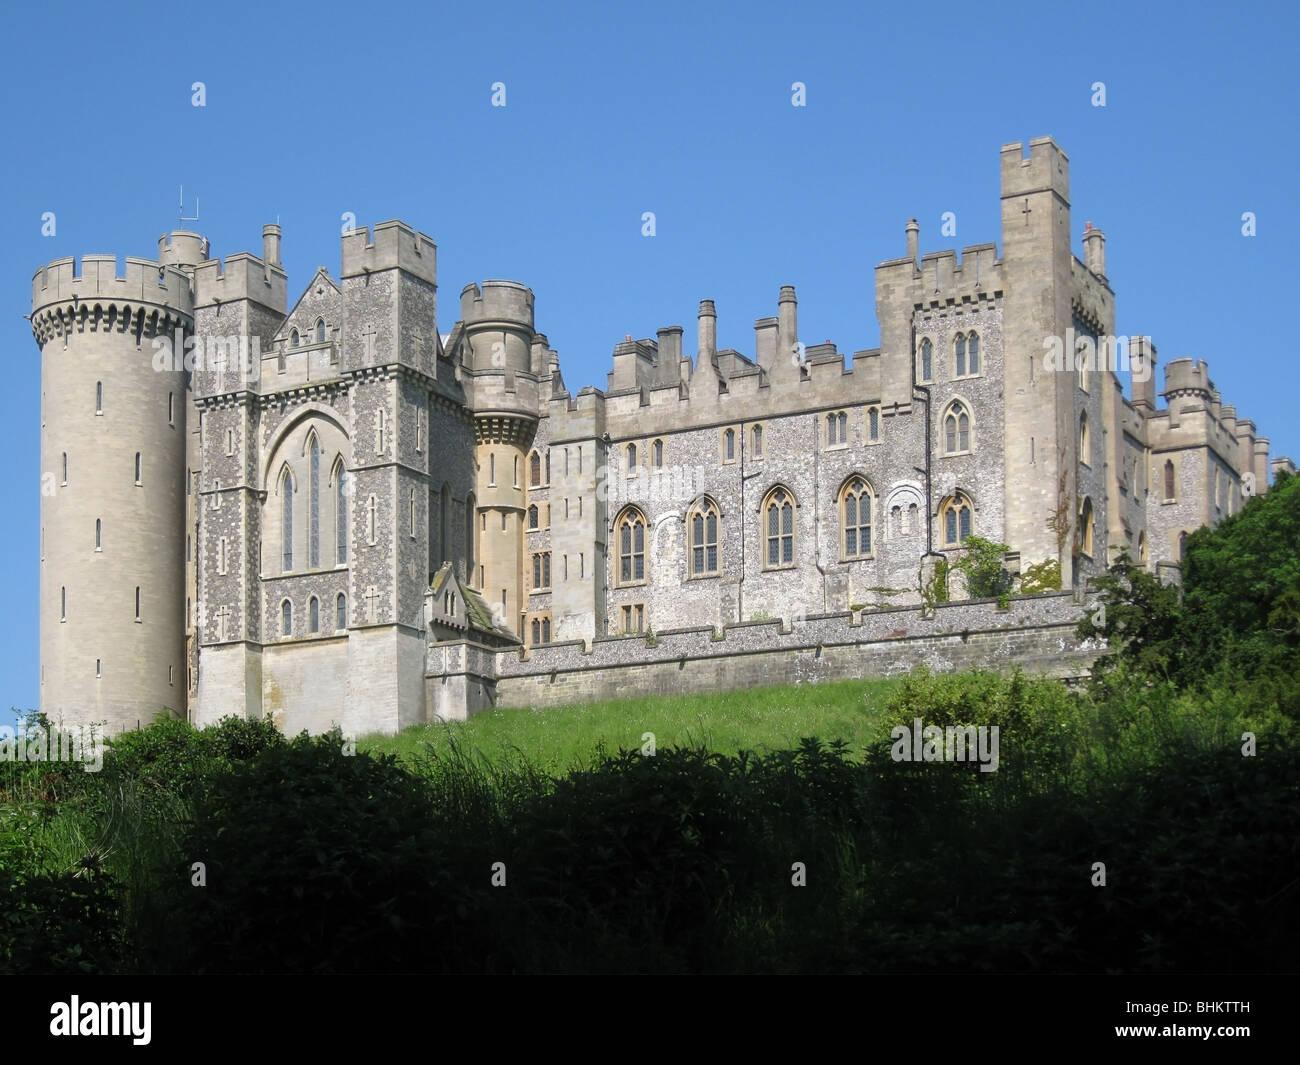 Arundel Castle, Sitz der Herzöge von Norfolk, West Sussex - 2 Stockfoto